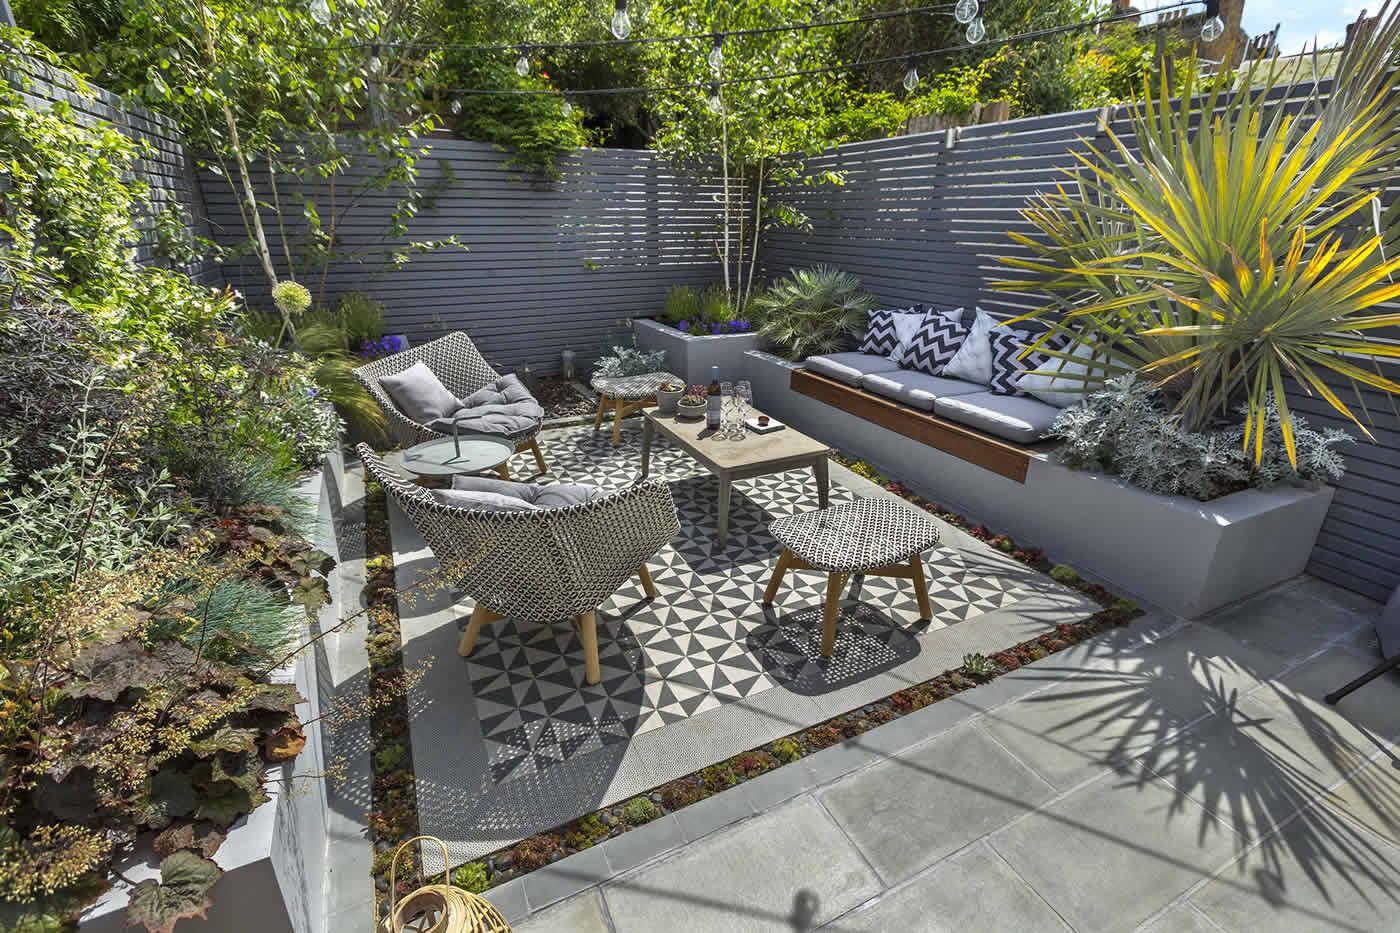 Private small garden design outdoor room ideas courtyard London